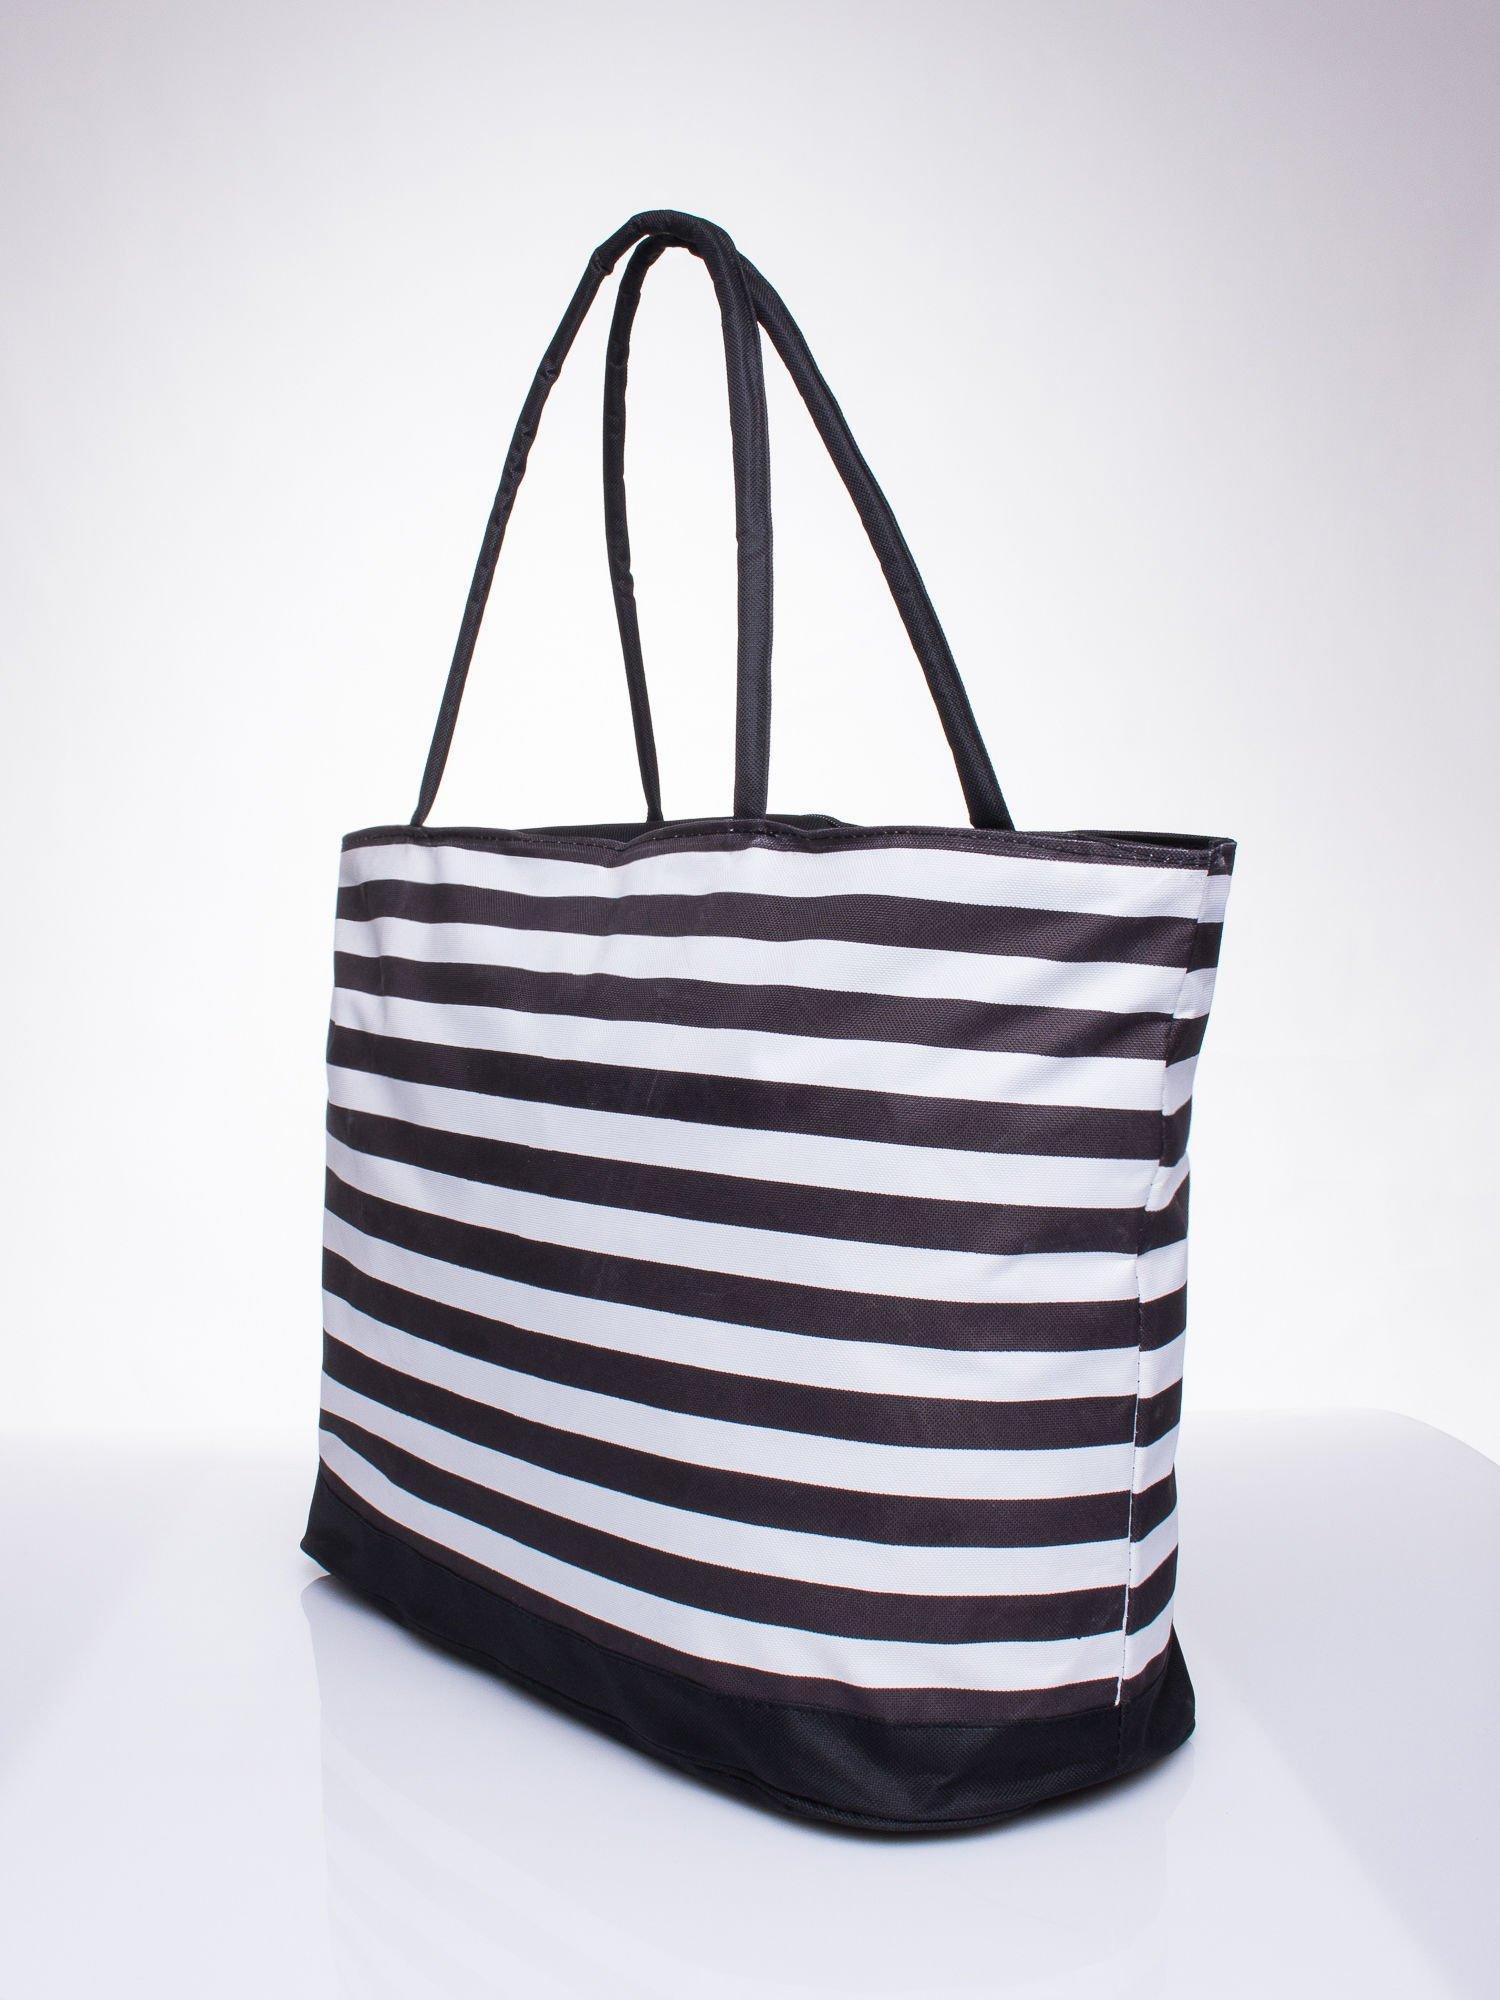 fc63c14dfb077 Brązowa torba plażowa w paski - Akcesoria torba - sklep eButik.pl